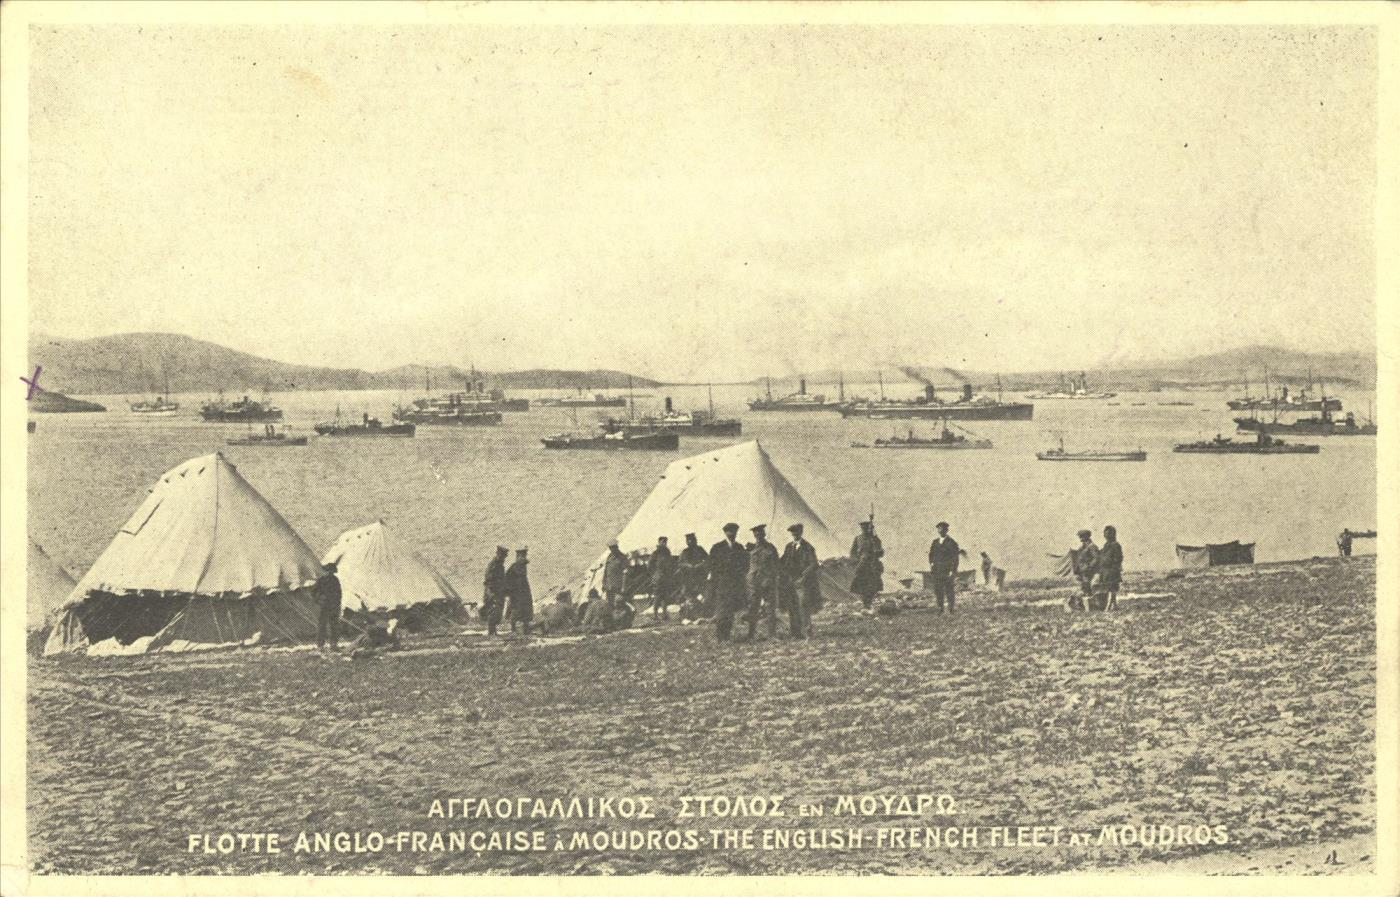 Αγγλογαλλικός στόλος  στον Μούδρο της Λήμνου